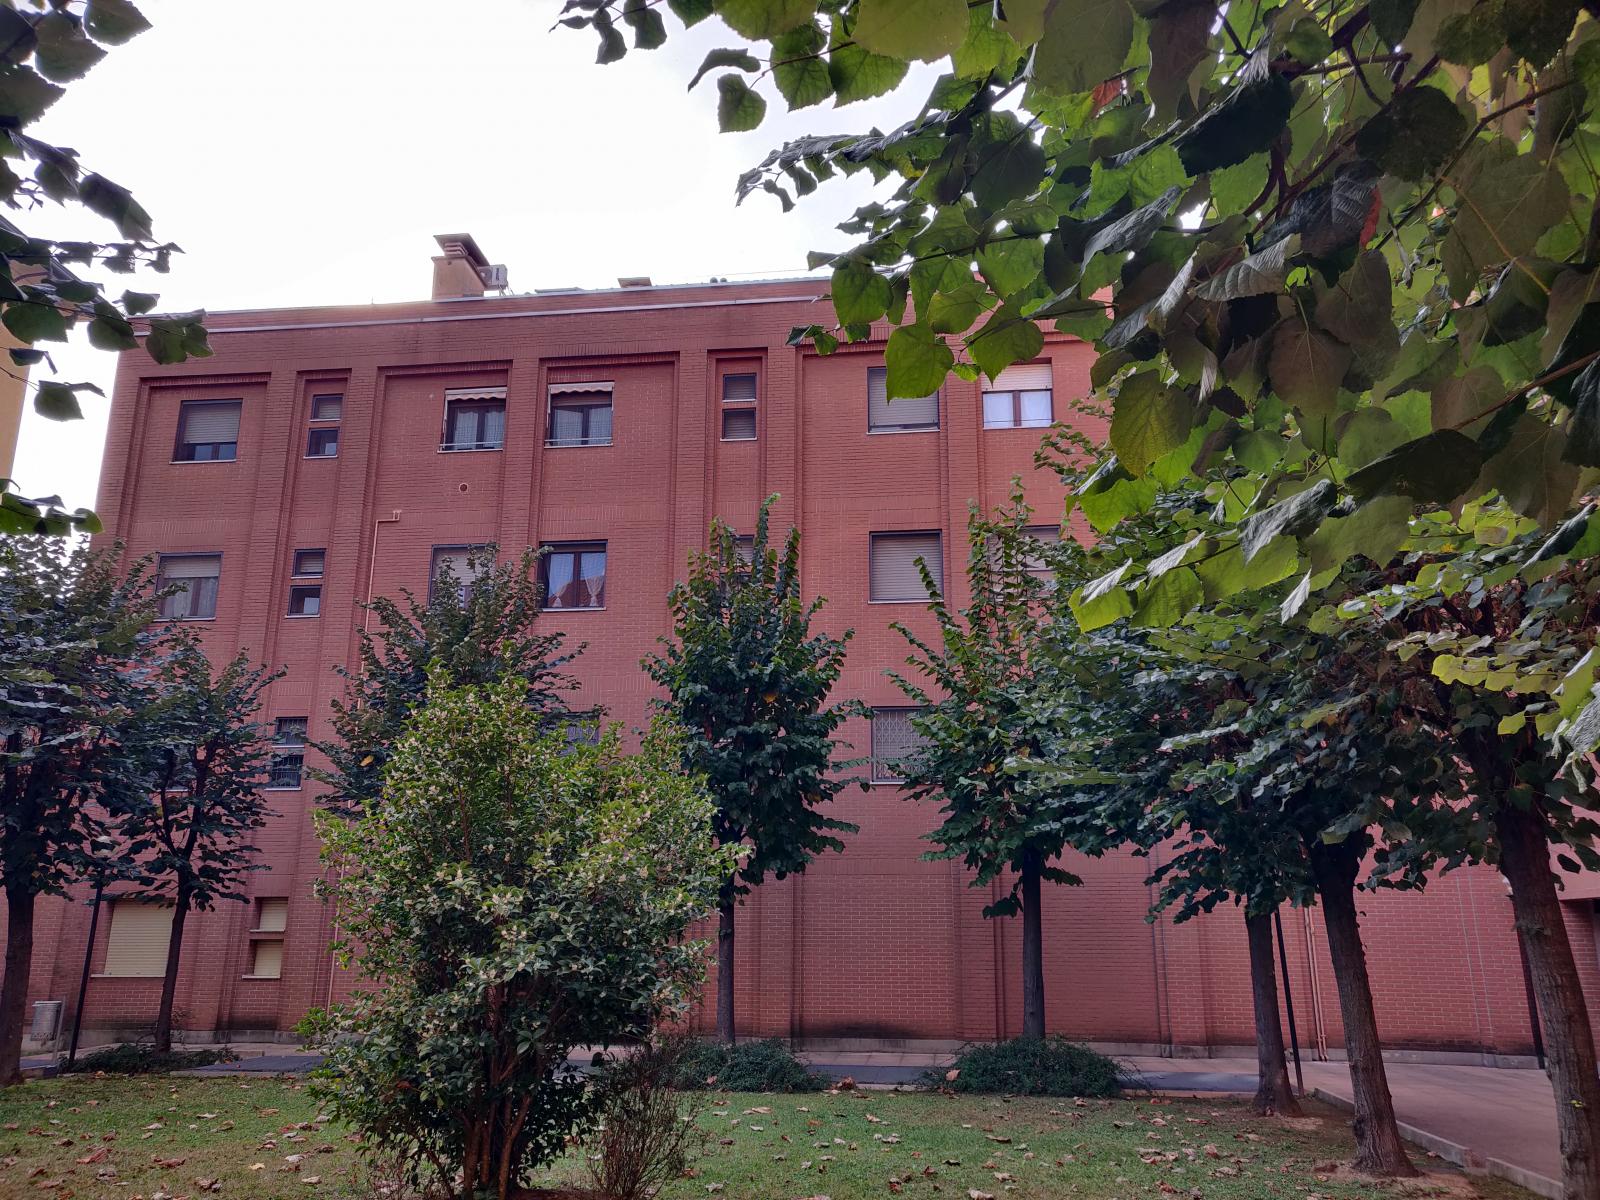 appartamento-3-locali-trilocale-in-vendita-a-milano-san-siro-baggio-forze-armate-spaziourbano-immobiliare-vende-9